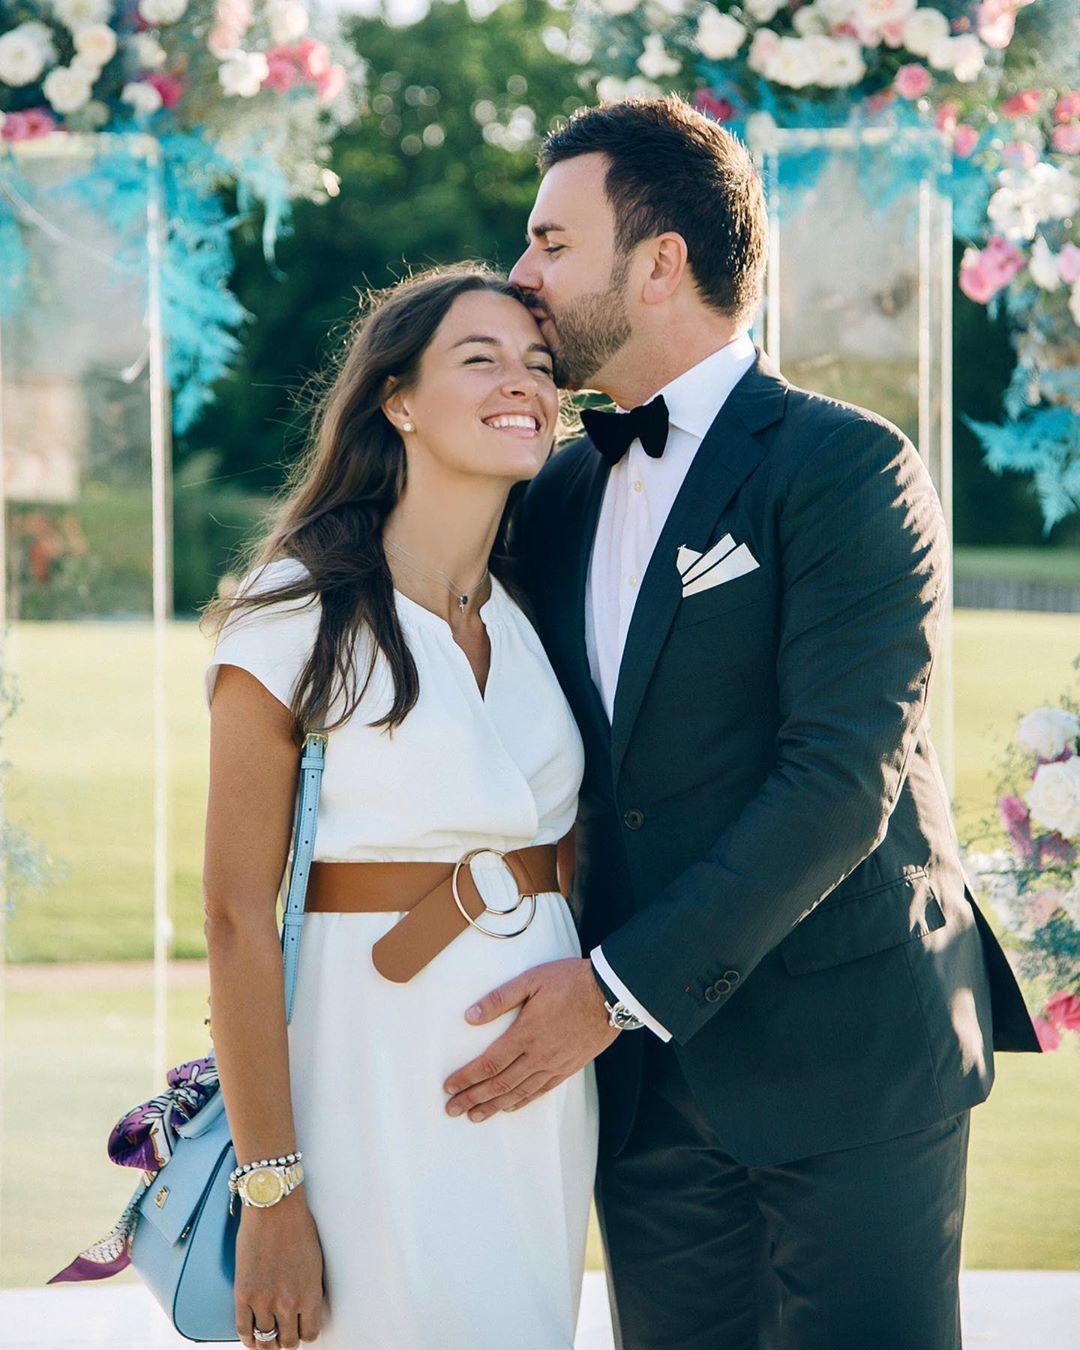 Беременная Кристина Решетник поделилась милым фото с мужем